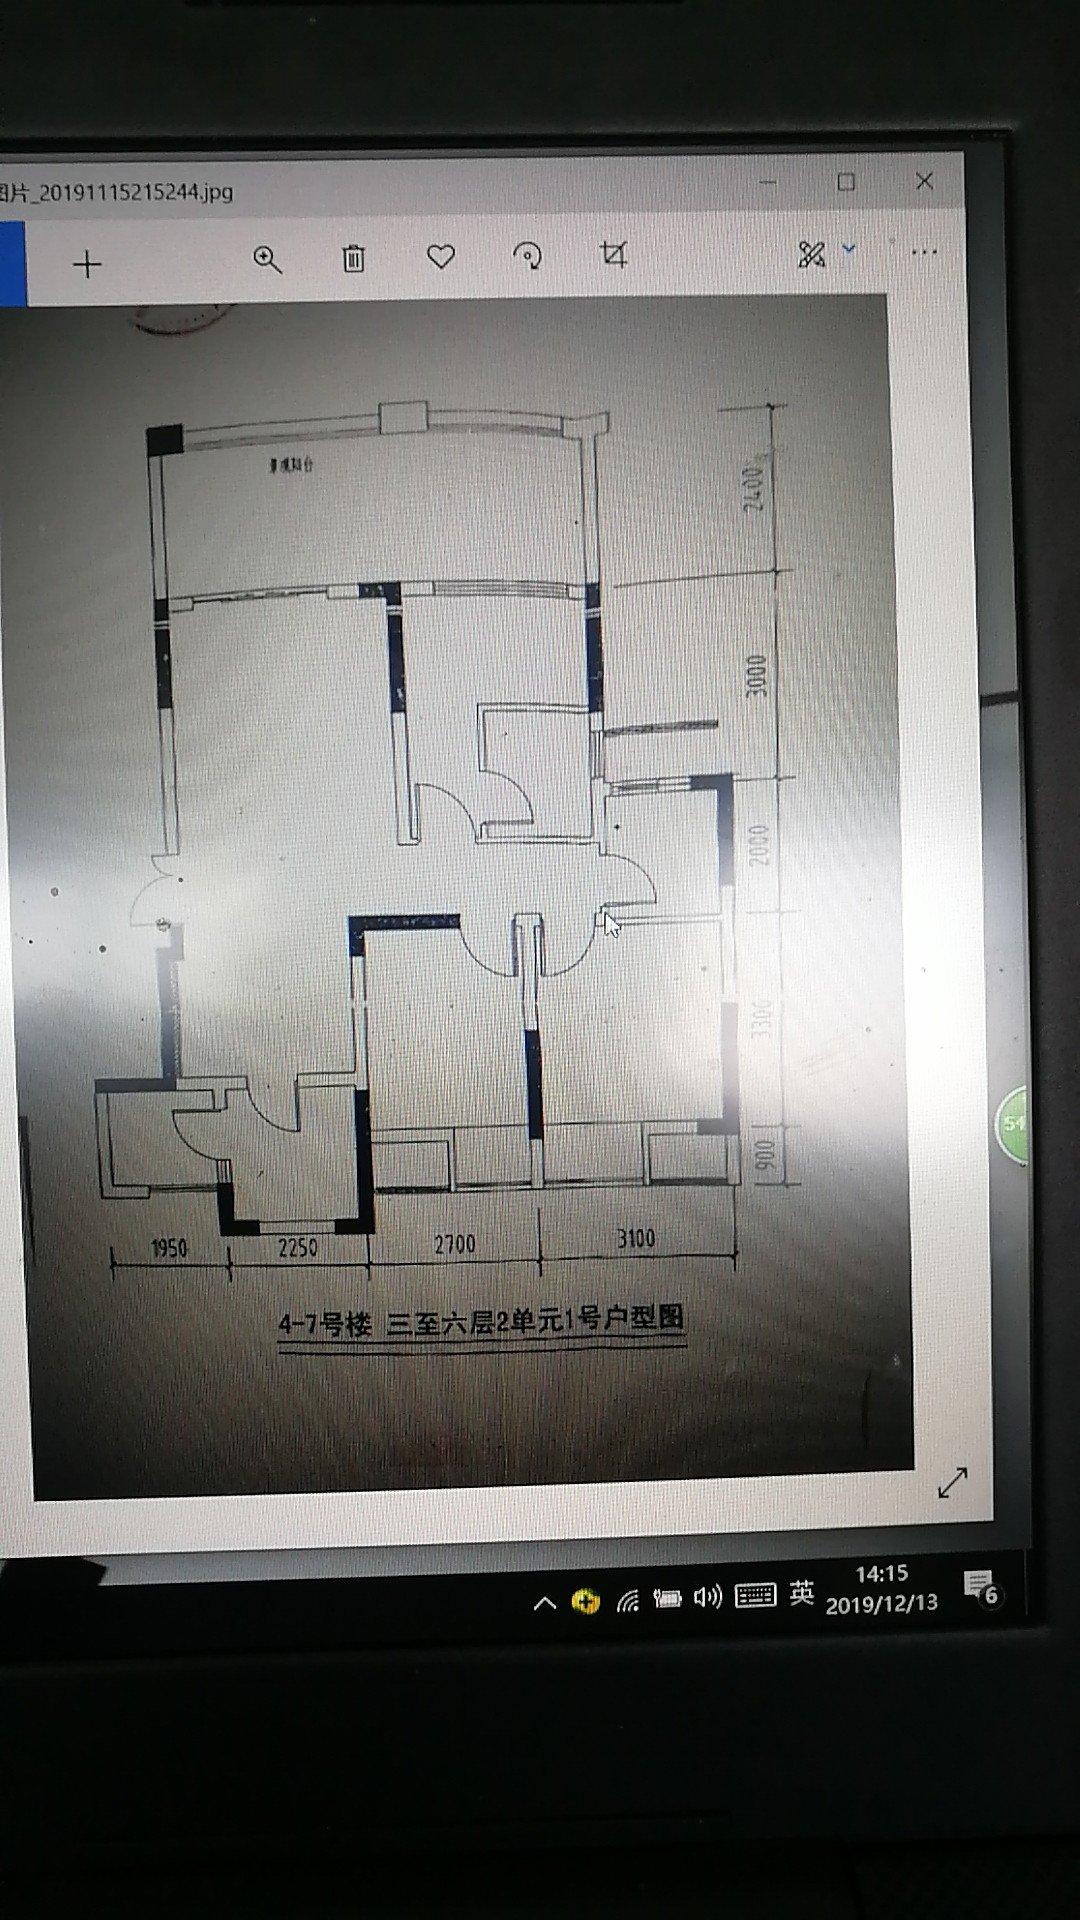 卫生间门正对入户门怎么合理优化一下